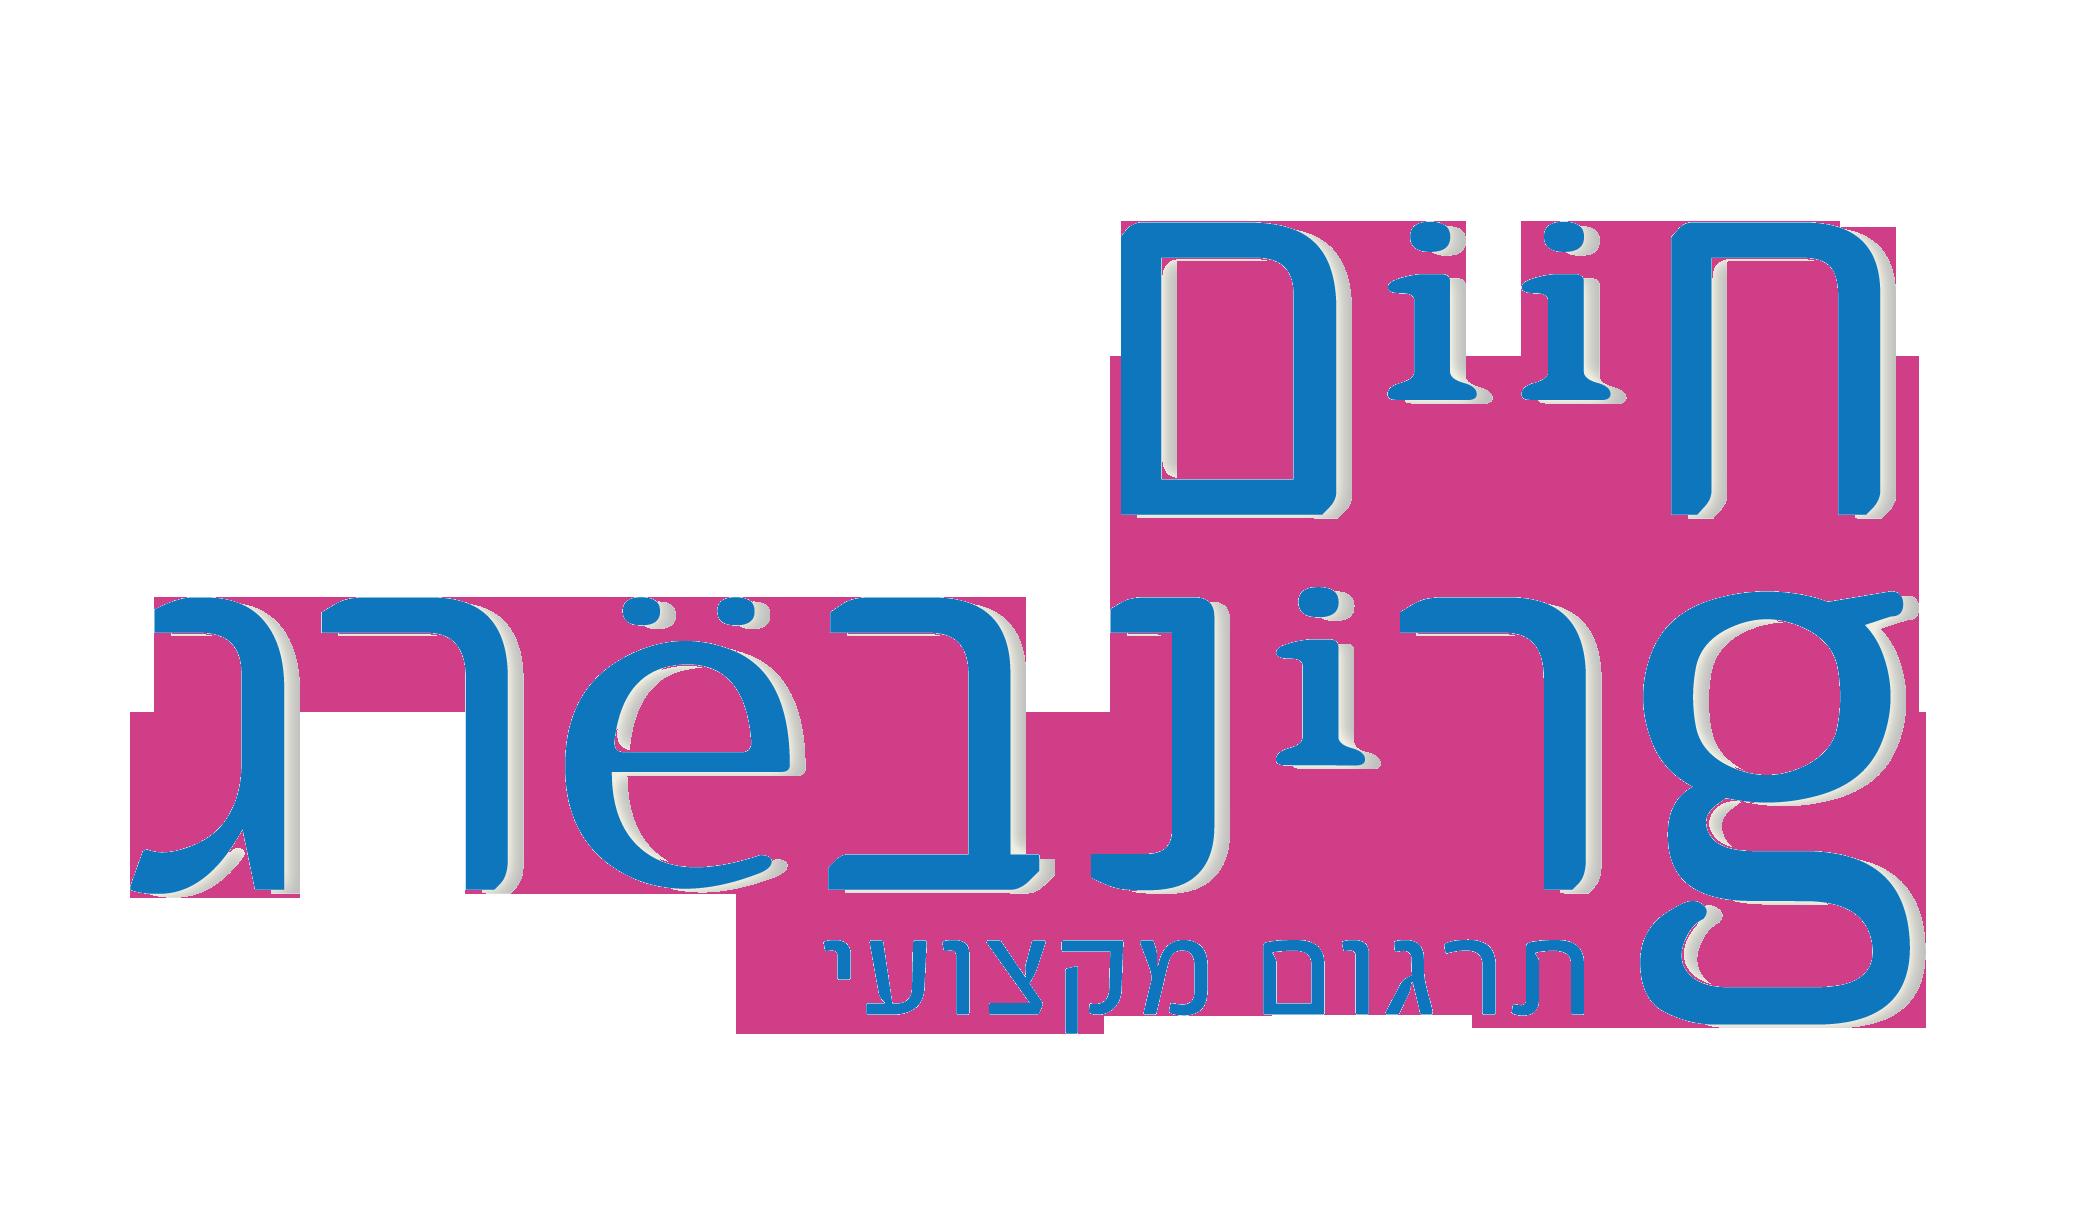 grinberg-final-logo1.png